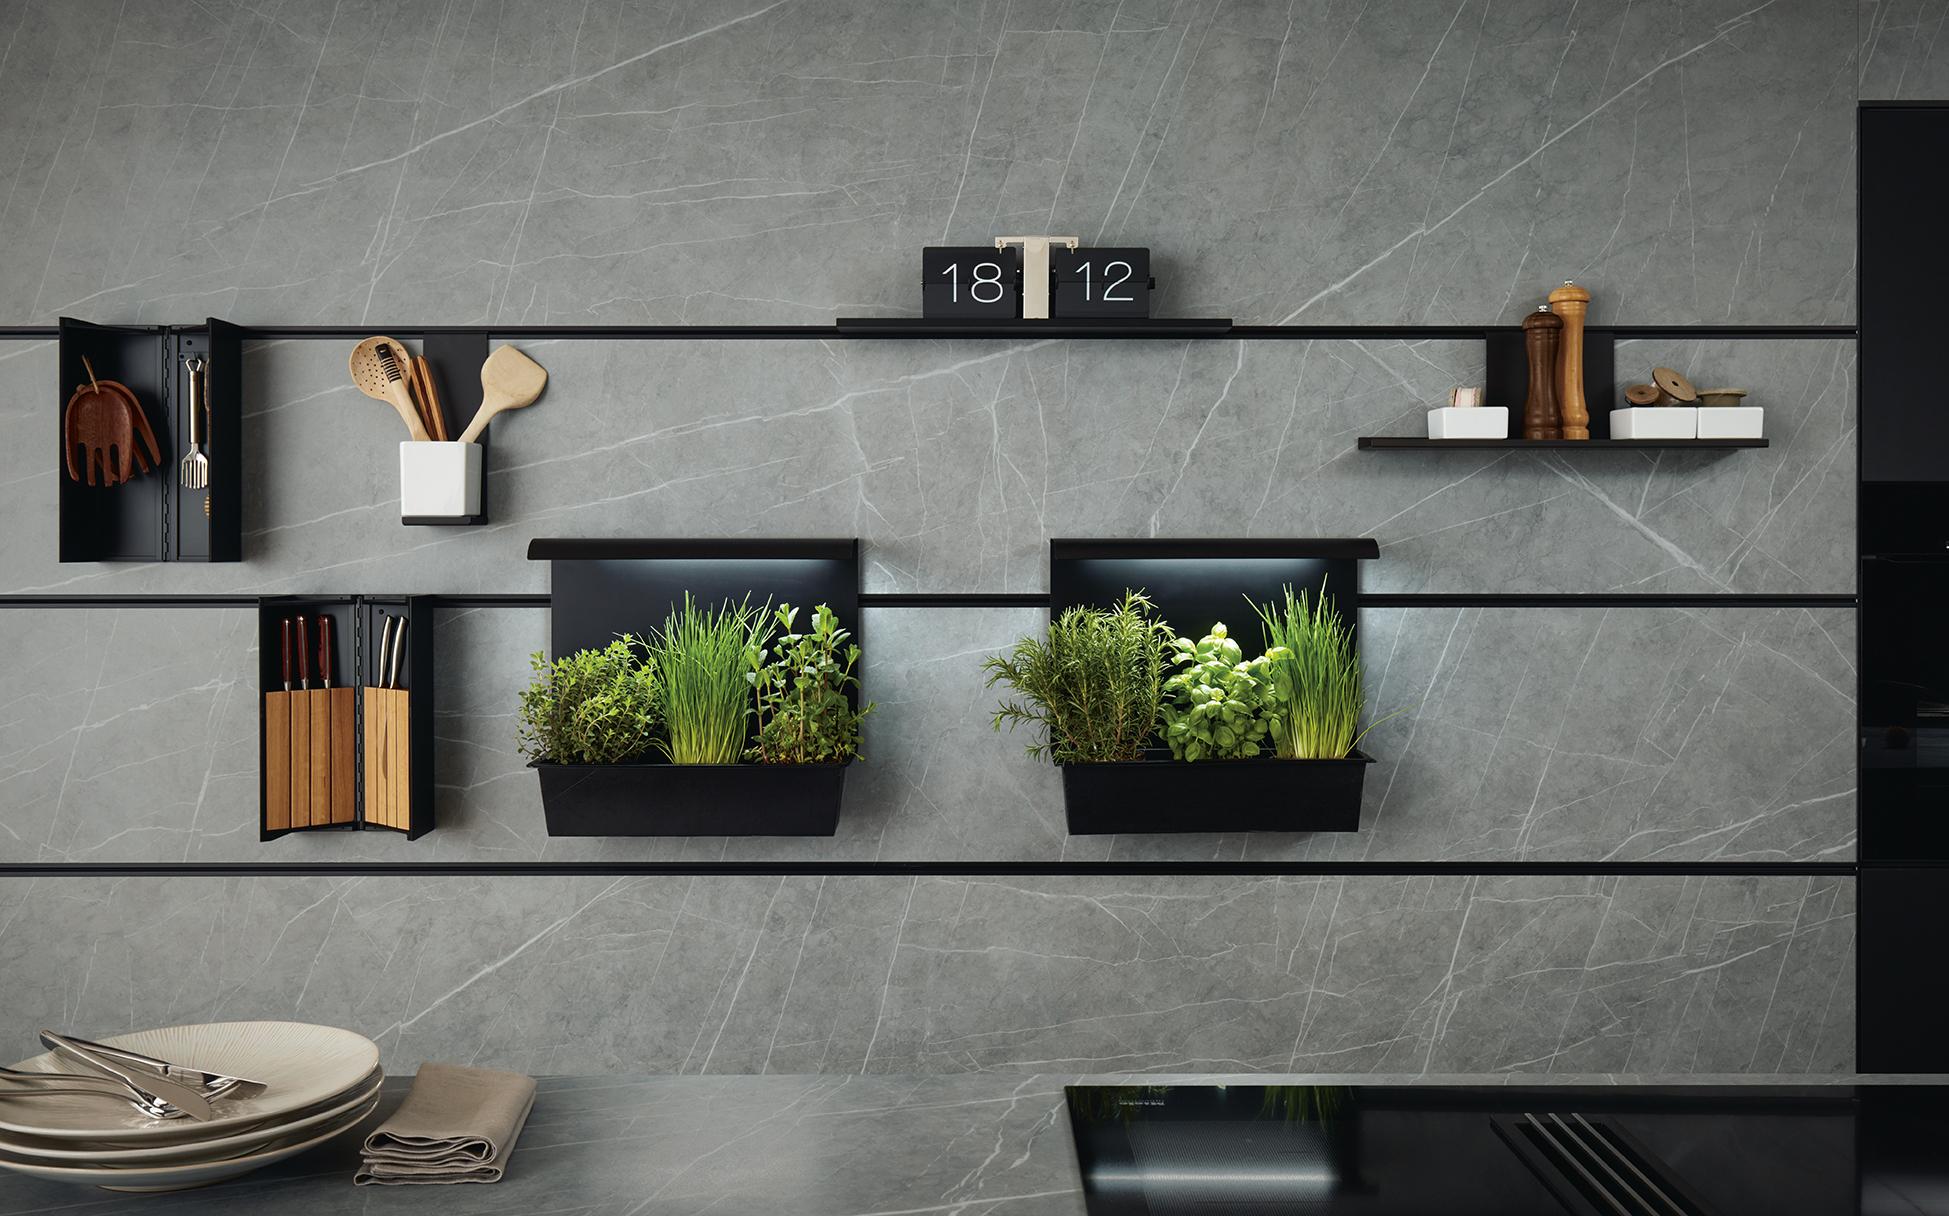 étagère pour cuisine sur mesure moderne travaillée et épurée marque Next125